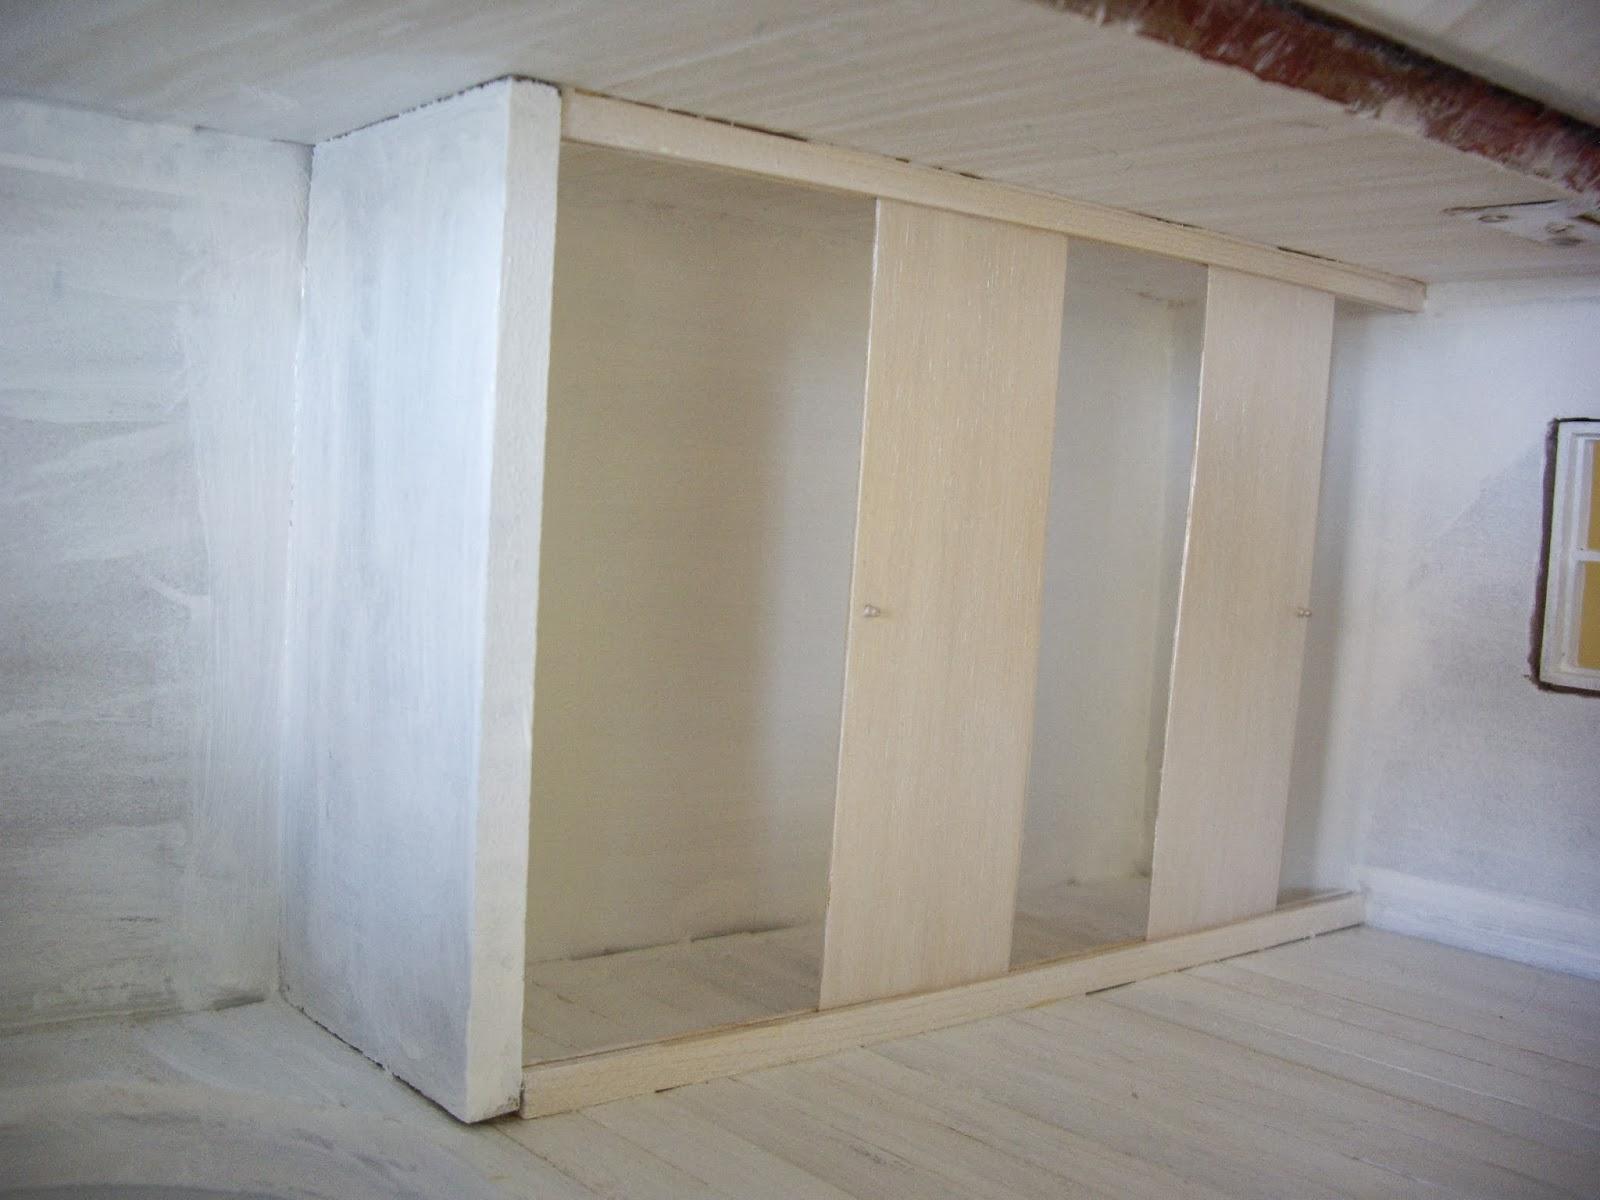 ya la vsteis por fuera y por dentro ahora toca verla decorada destacan varios elementos novedosos el armario empotrado con puertas correderas en el with